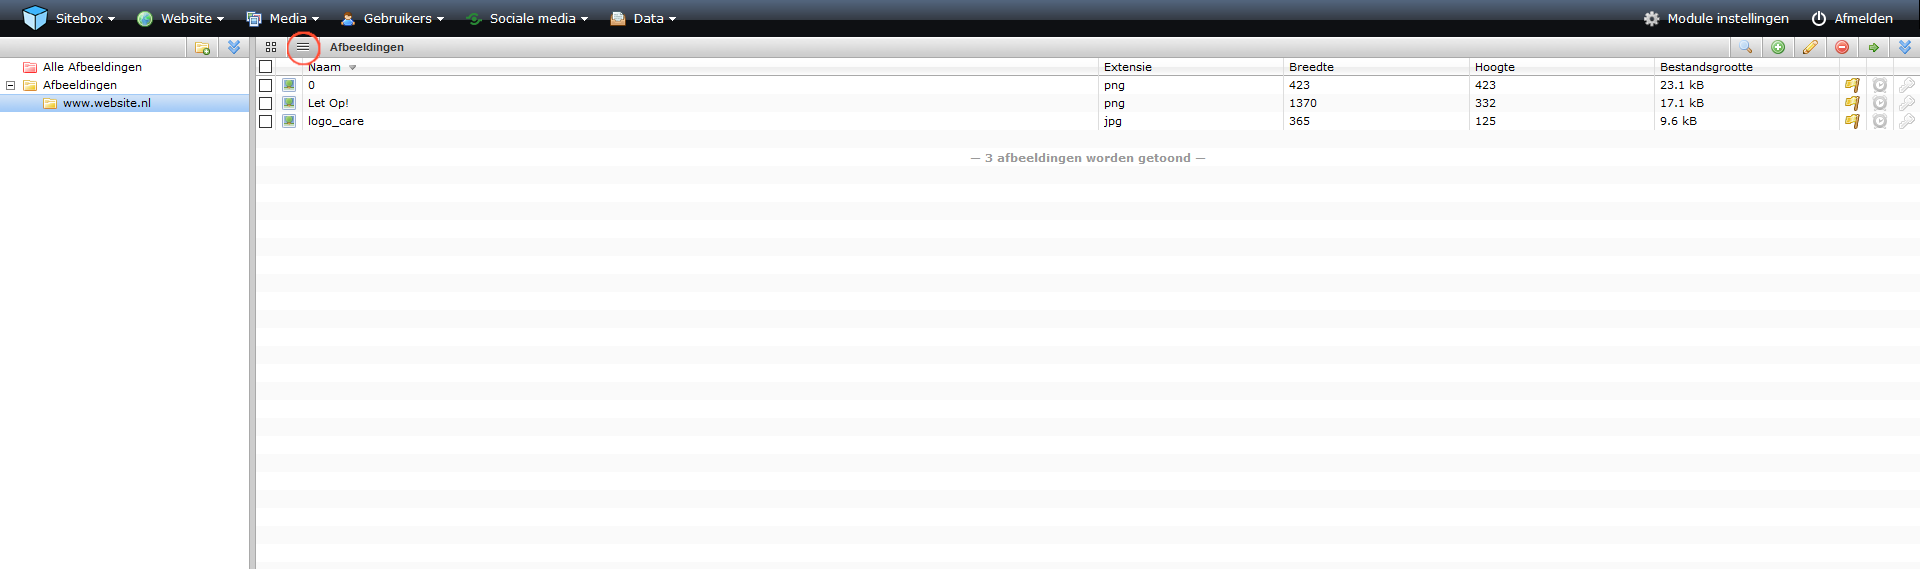 schermafdruk van een overzicht van de module in lijst weergave